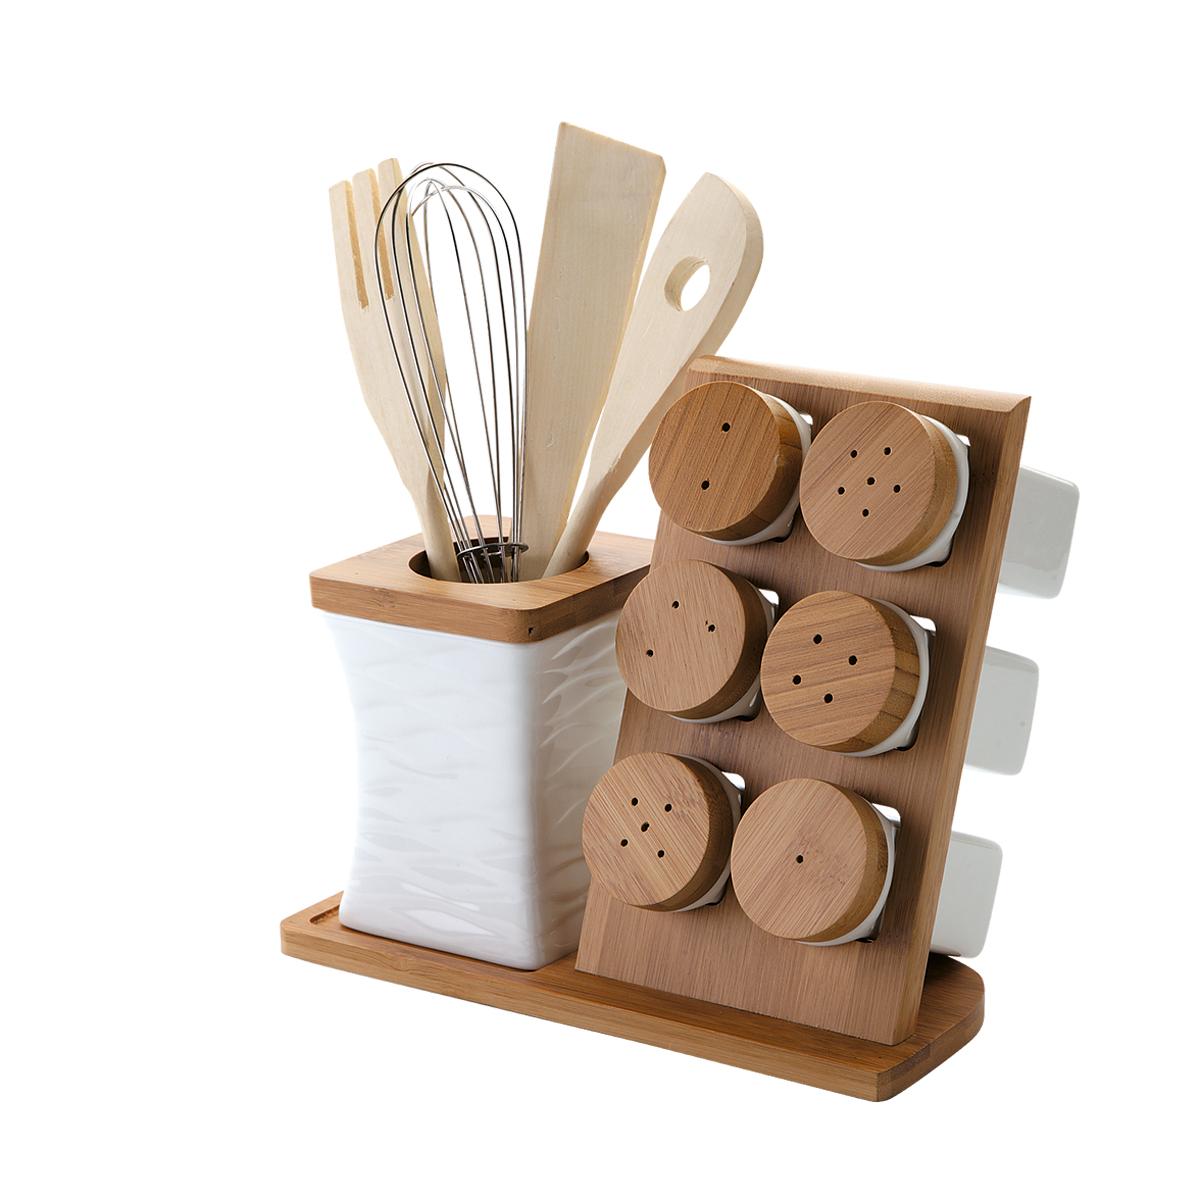 Набор кухонных принадлежностей Dekok, 12 предметовPW-2719Набор кухонных принадлежностей Dekok состоит из лопатки, ложки с отверстием, вилки, венчика, 3 солонок, 3 перечниц и двух подставок. Лопатка, вилка и ложка выполнены из дерева и предназначены для переворачивания и перемешивания различных блюд. Металлический венчик будет незаменим для приготовления теста или крема. Эти предметы хранятся в отдельной подставке в виде стакана, выполненной из фарфора и бамбука.Солонки и перечницы располагаются на подставке со специальными ячейками. Оригинальный дизайн, эстетичность и функциональность набора позволят ему стать достойным дополнением к кухонному инвентарю.Длина лопатки, вилки, ложки: 25,5 см. Длина венчика: 25 см. Размер подставки для приборов: 8,5 см х 8,5 см х 11,5 см. Высота солонки, перечницы: 9,2 см. Диаметр солонки, перечницы (по верхнему краю): 4,7 см. Размер подставки: 23,5 см х 10,8 см х 20 см.